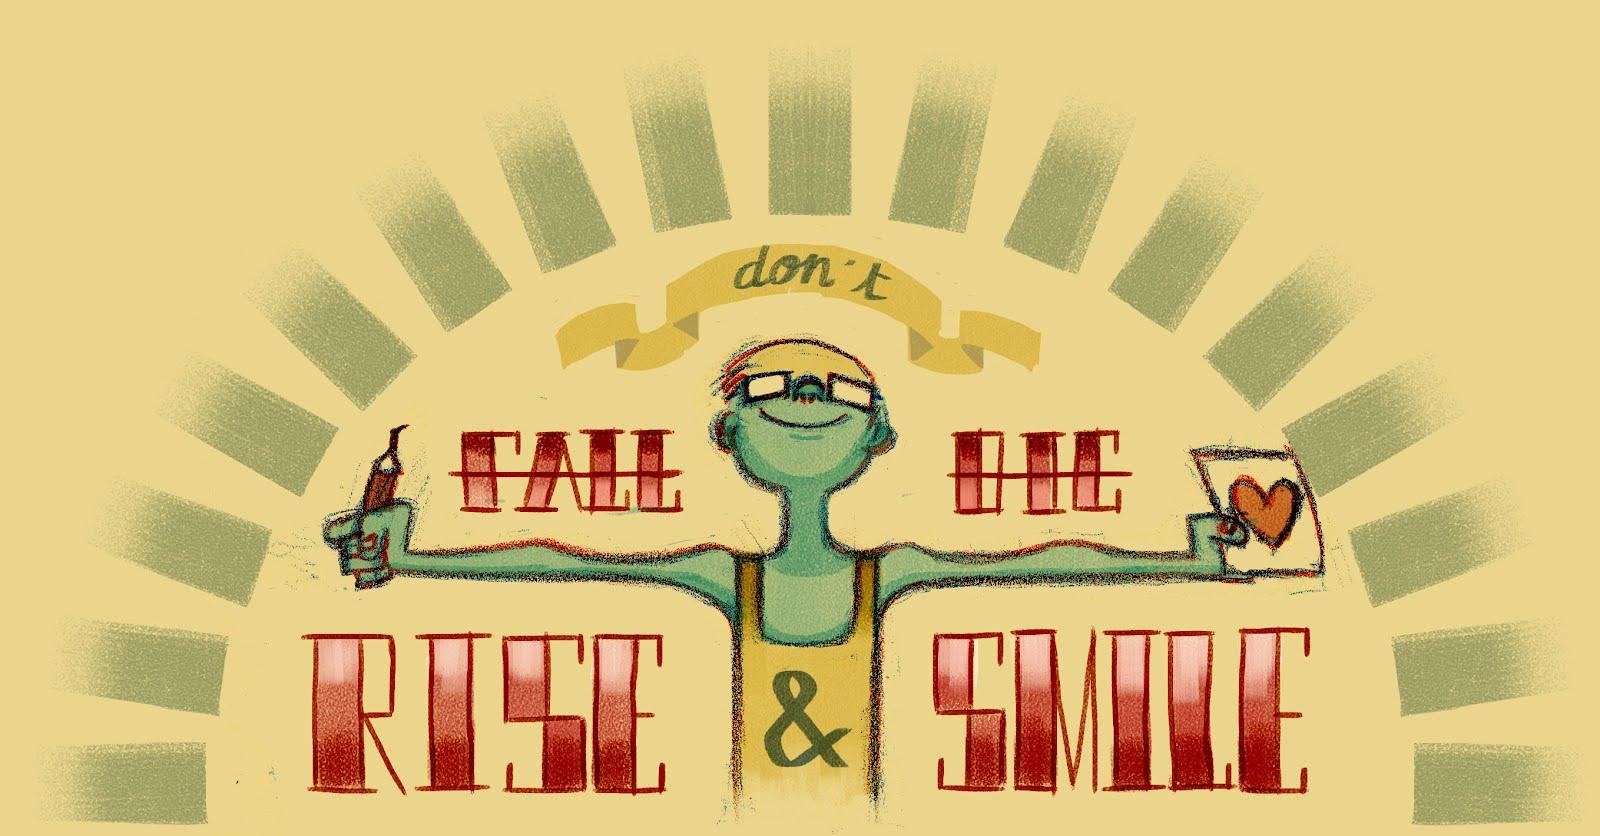 Rise & Smile